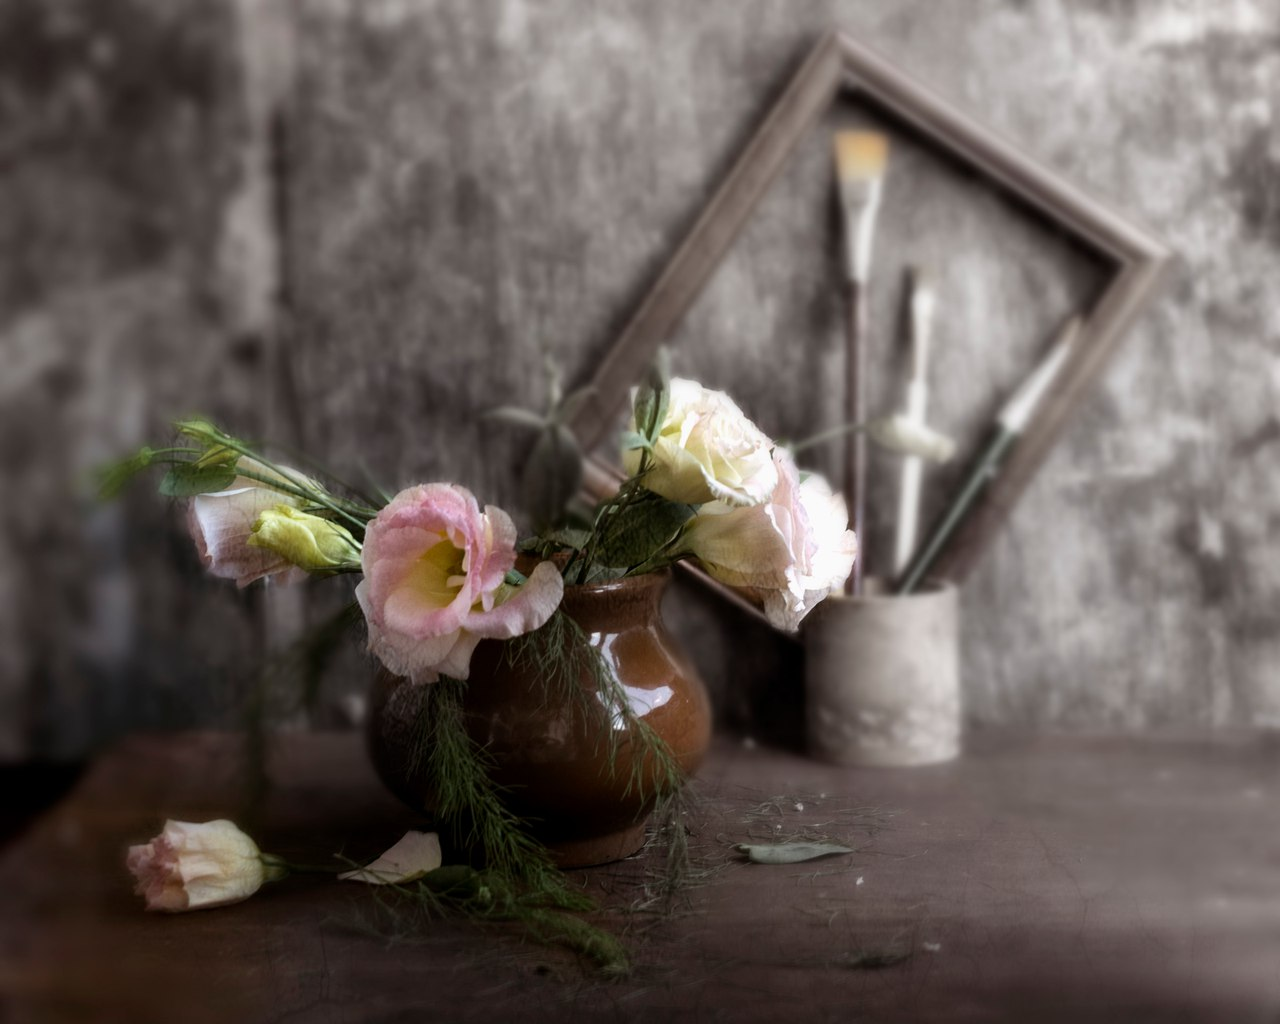 одной, художественное фото цветка потолки